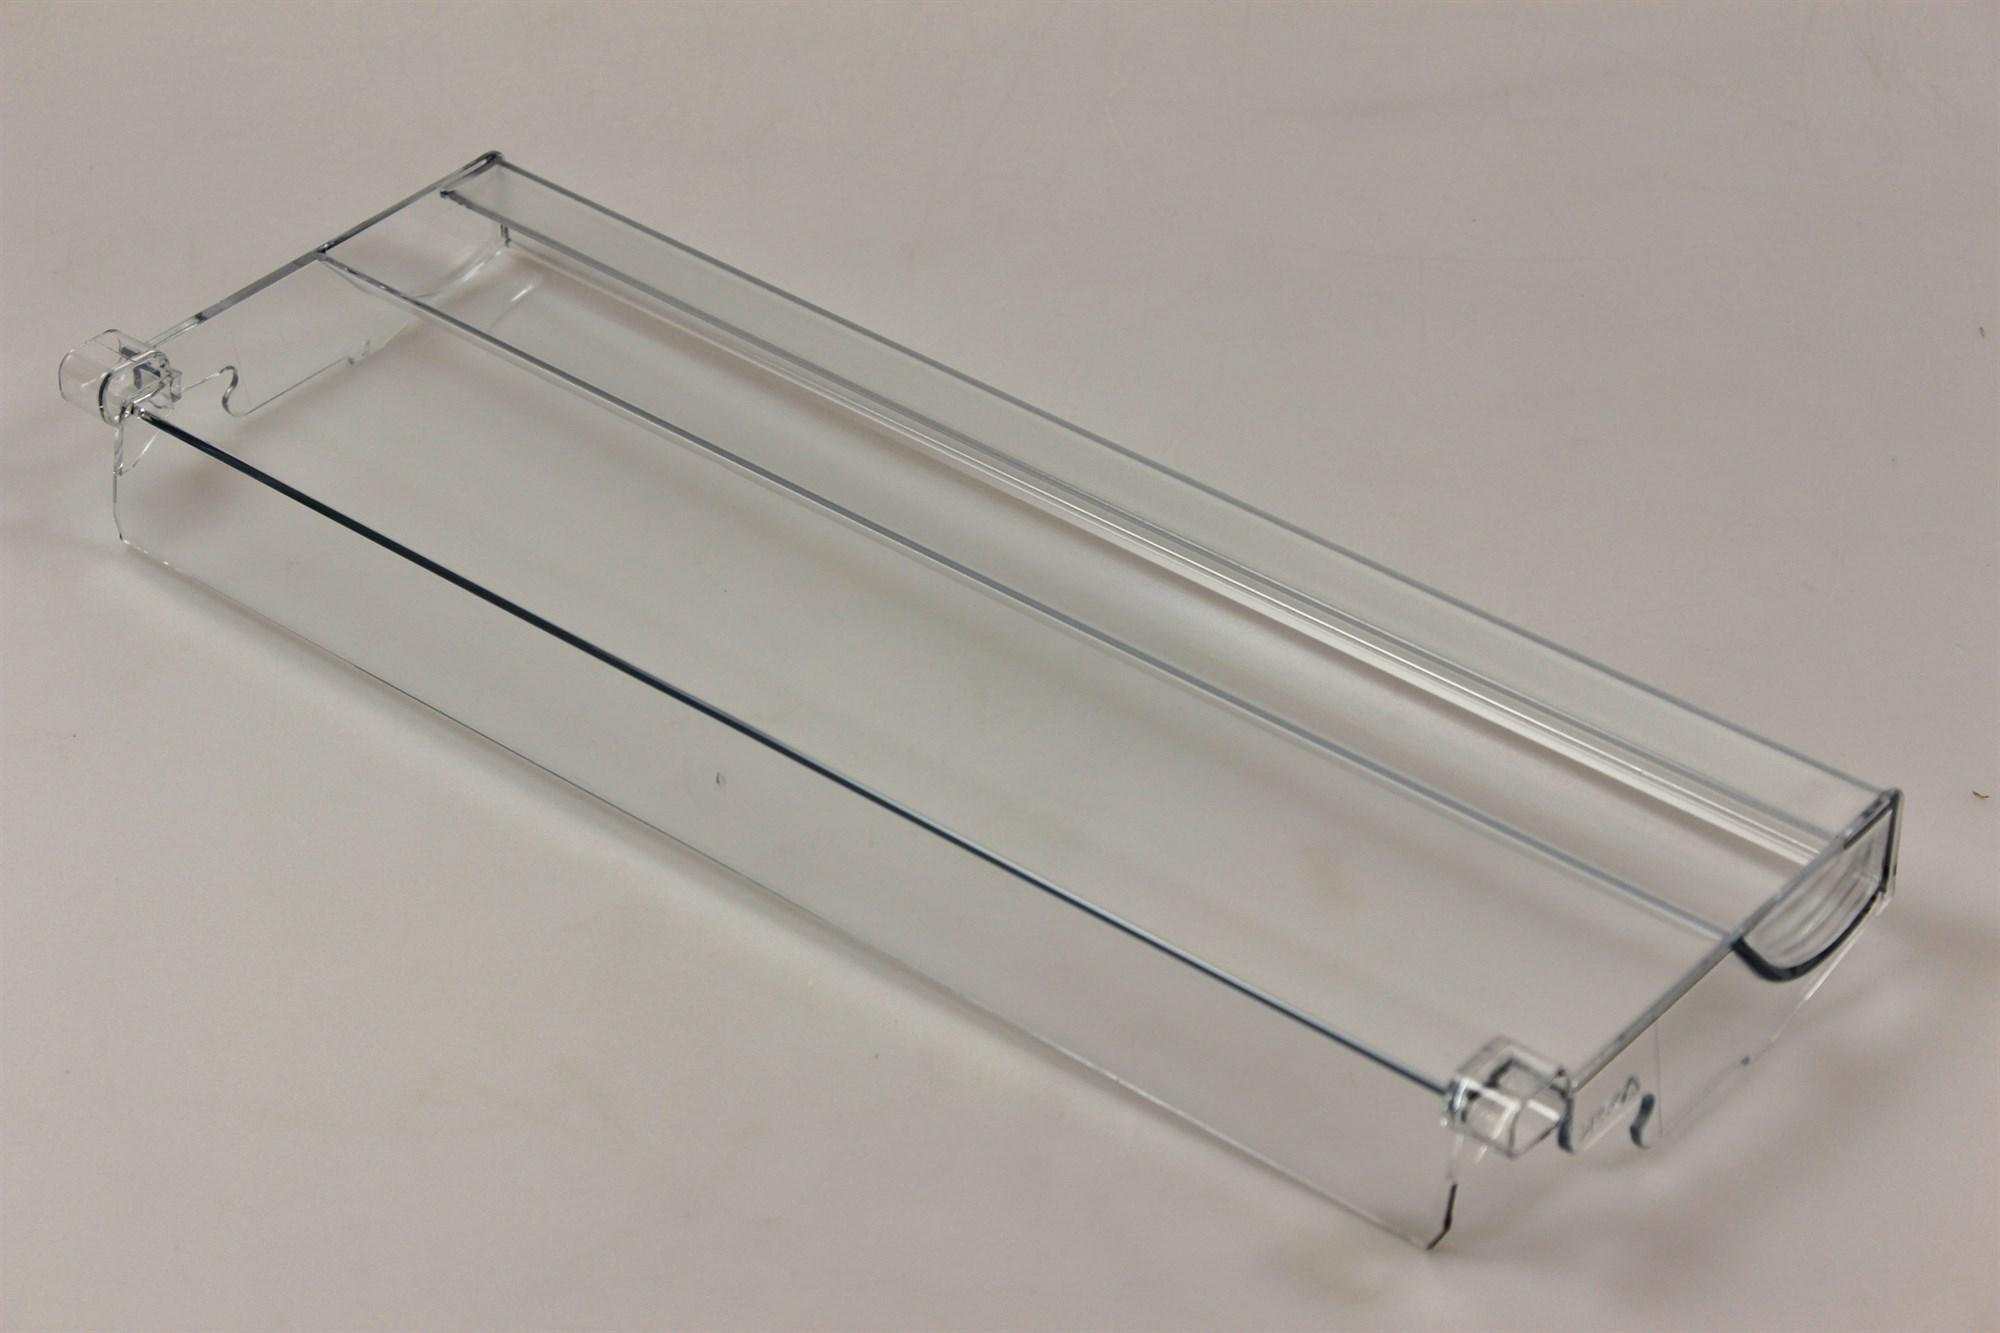 Siemens Kühlschrank Ersatzteile Gefrierfach : Klappe für gefrierfach siemens kühl gefrierschrank mm x